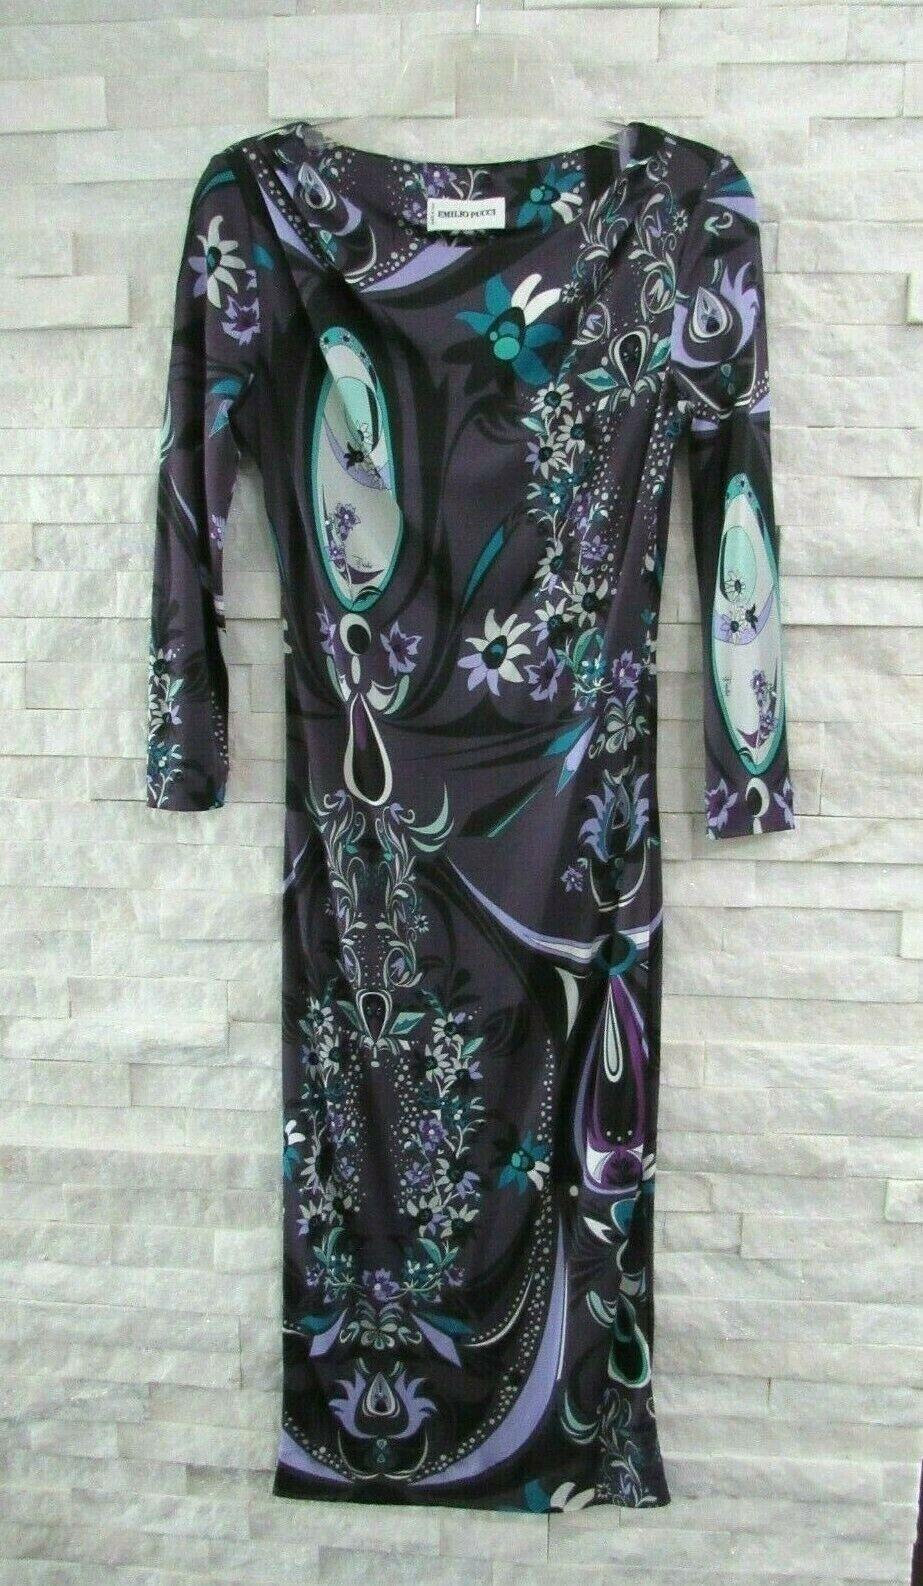 Emilio Pucci Deep  púrpura Floral Vestido Tubo de estiramiento jersey icónico logotipo US 6  disfrutando de sus compras